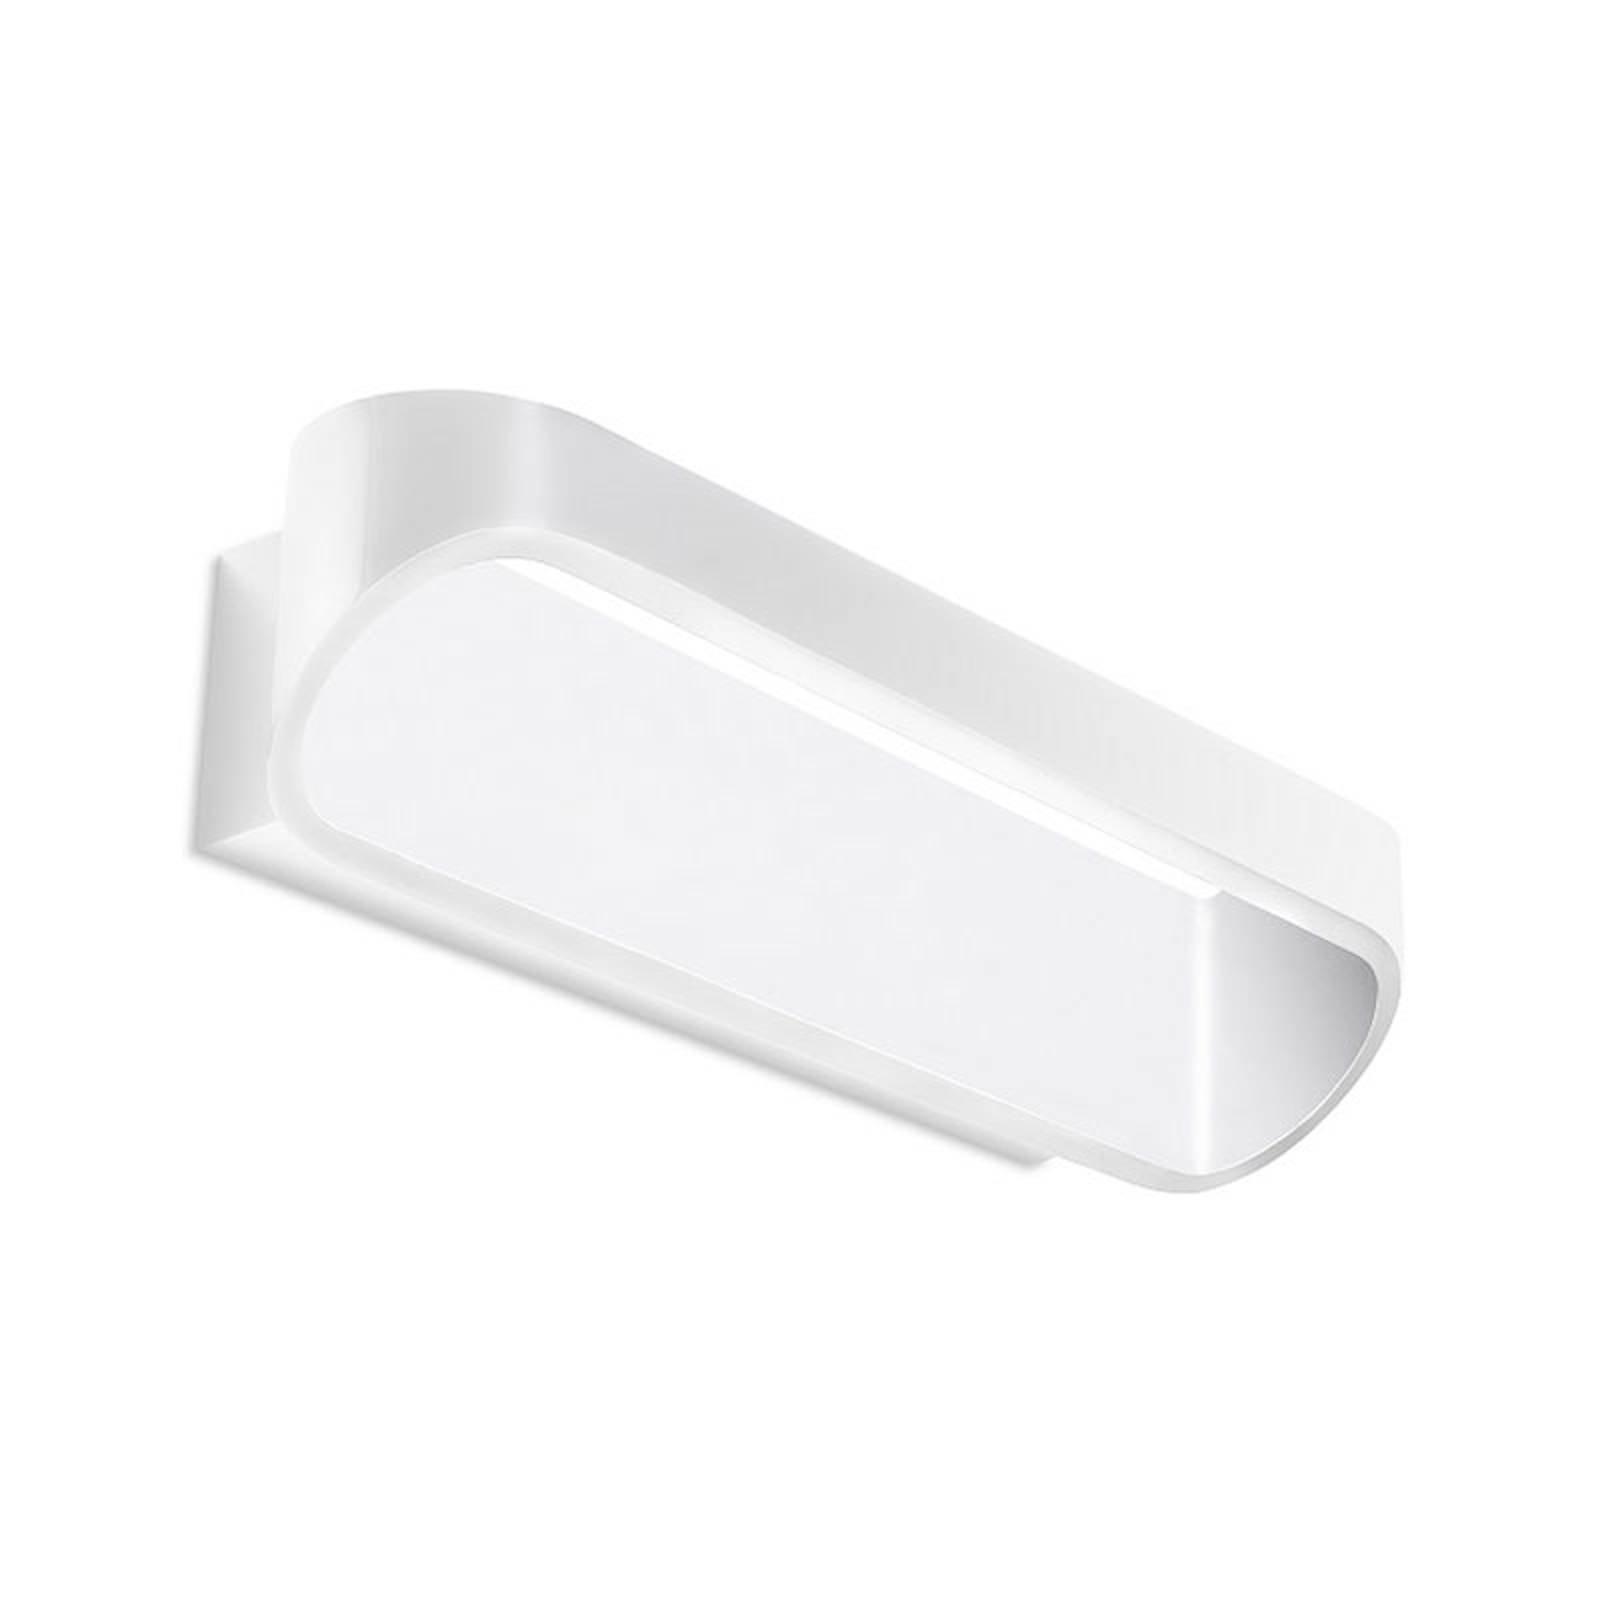 LEDS-C4 Oval LED-vegglampe i hvit